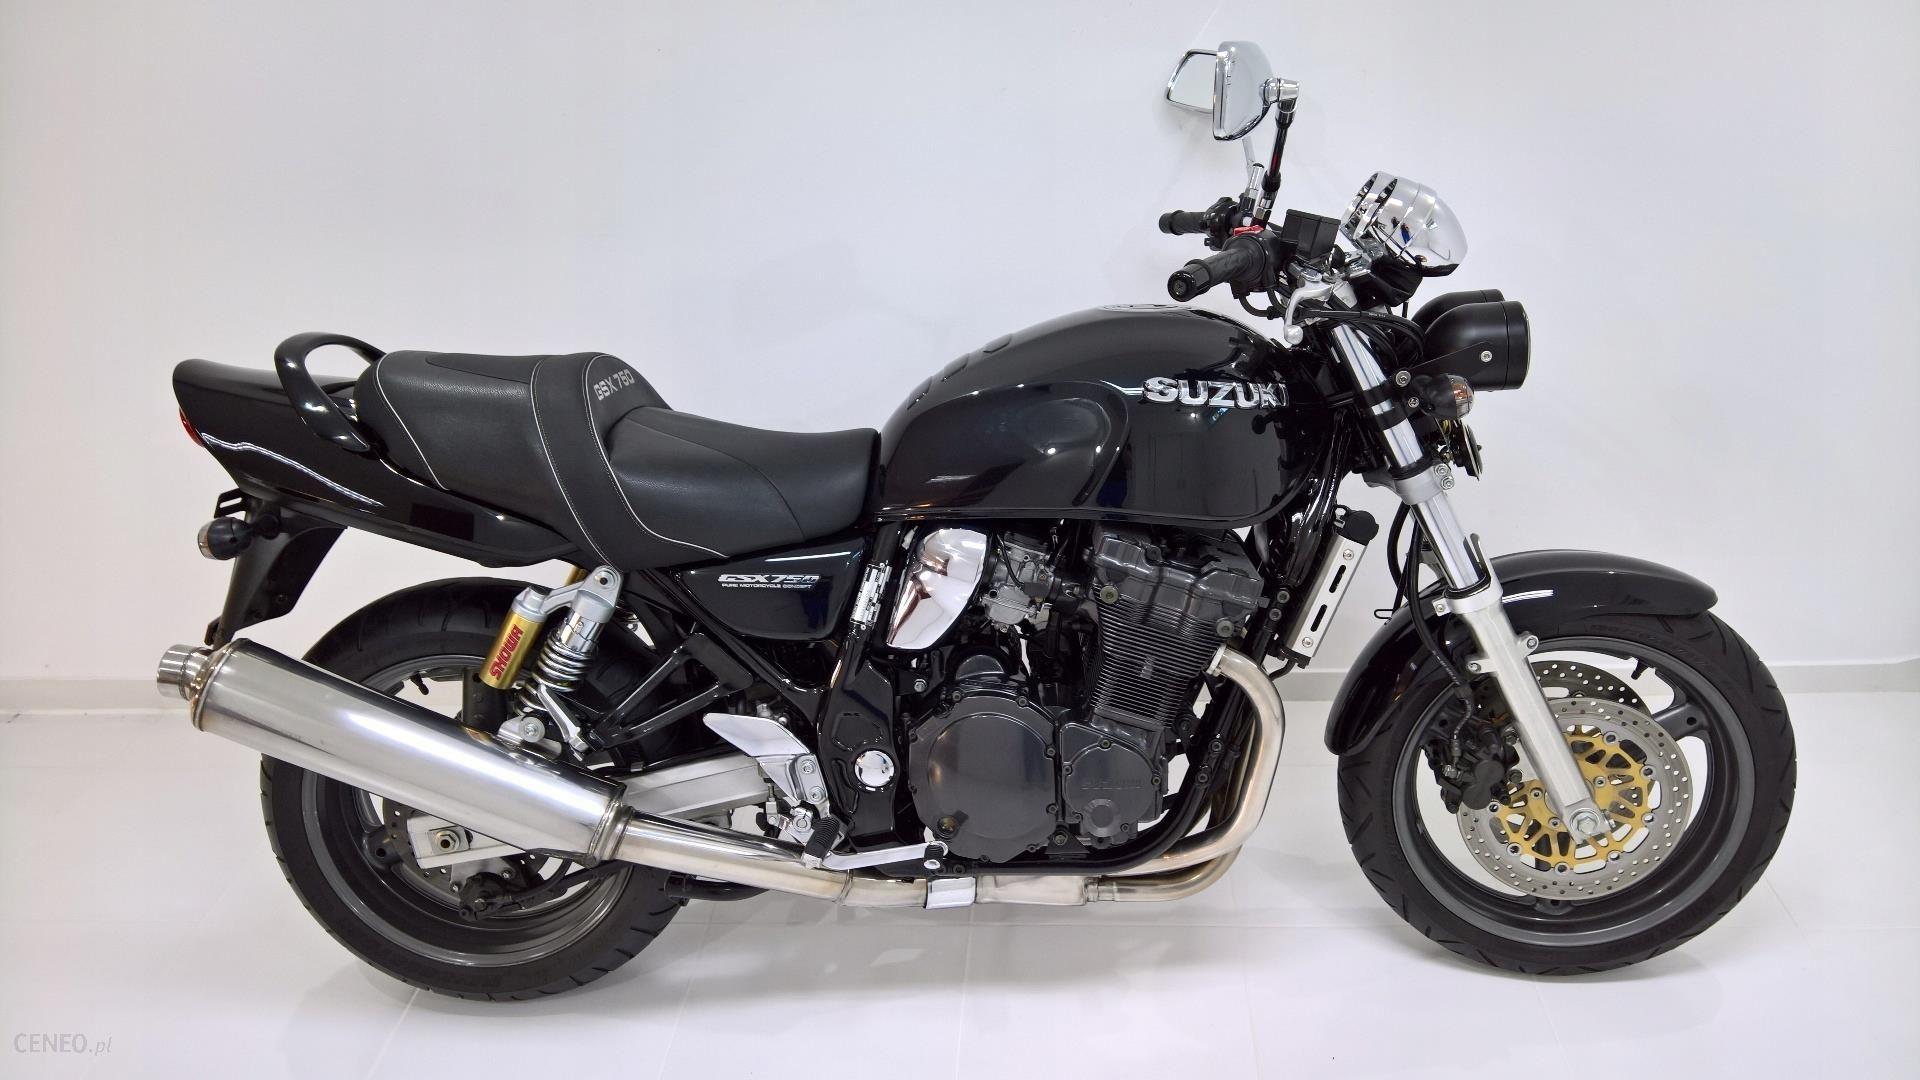 Suzuki Gsx 750 Inazuma Bezwypadkowy Opinie I Ceny Na Ceneo Pl